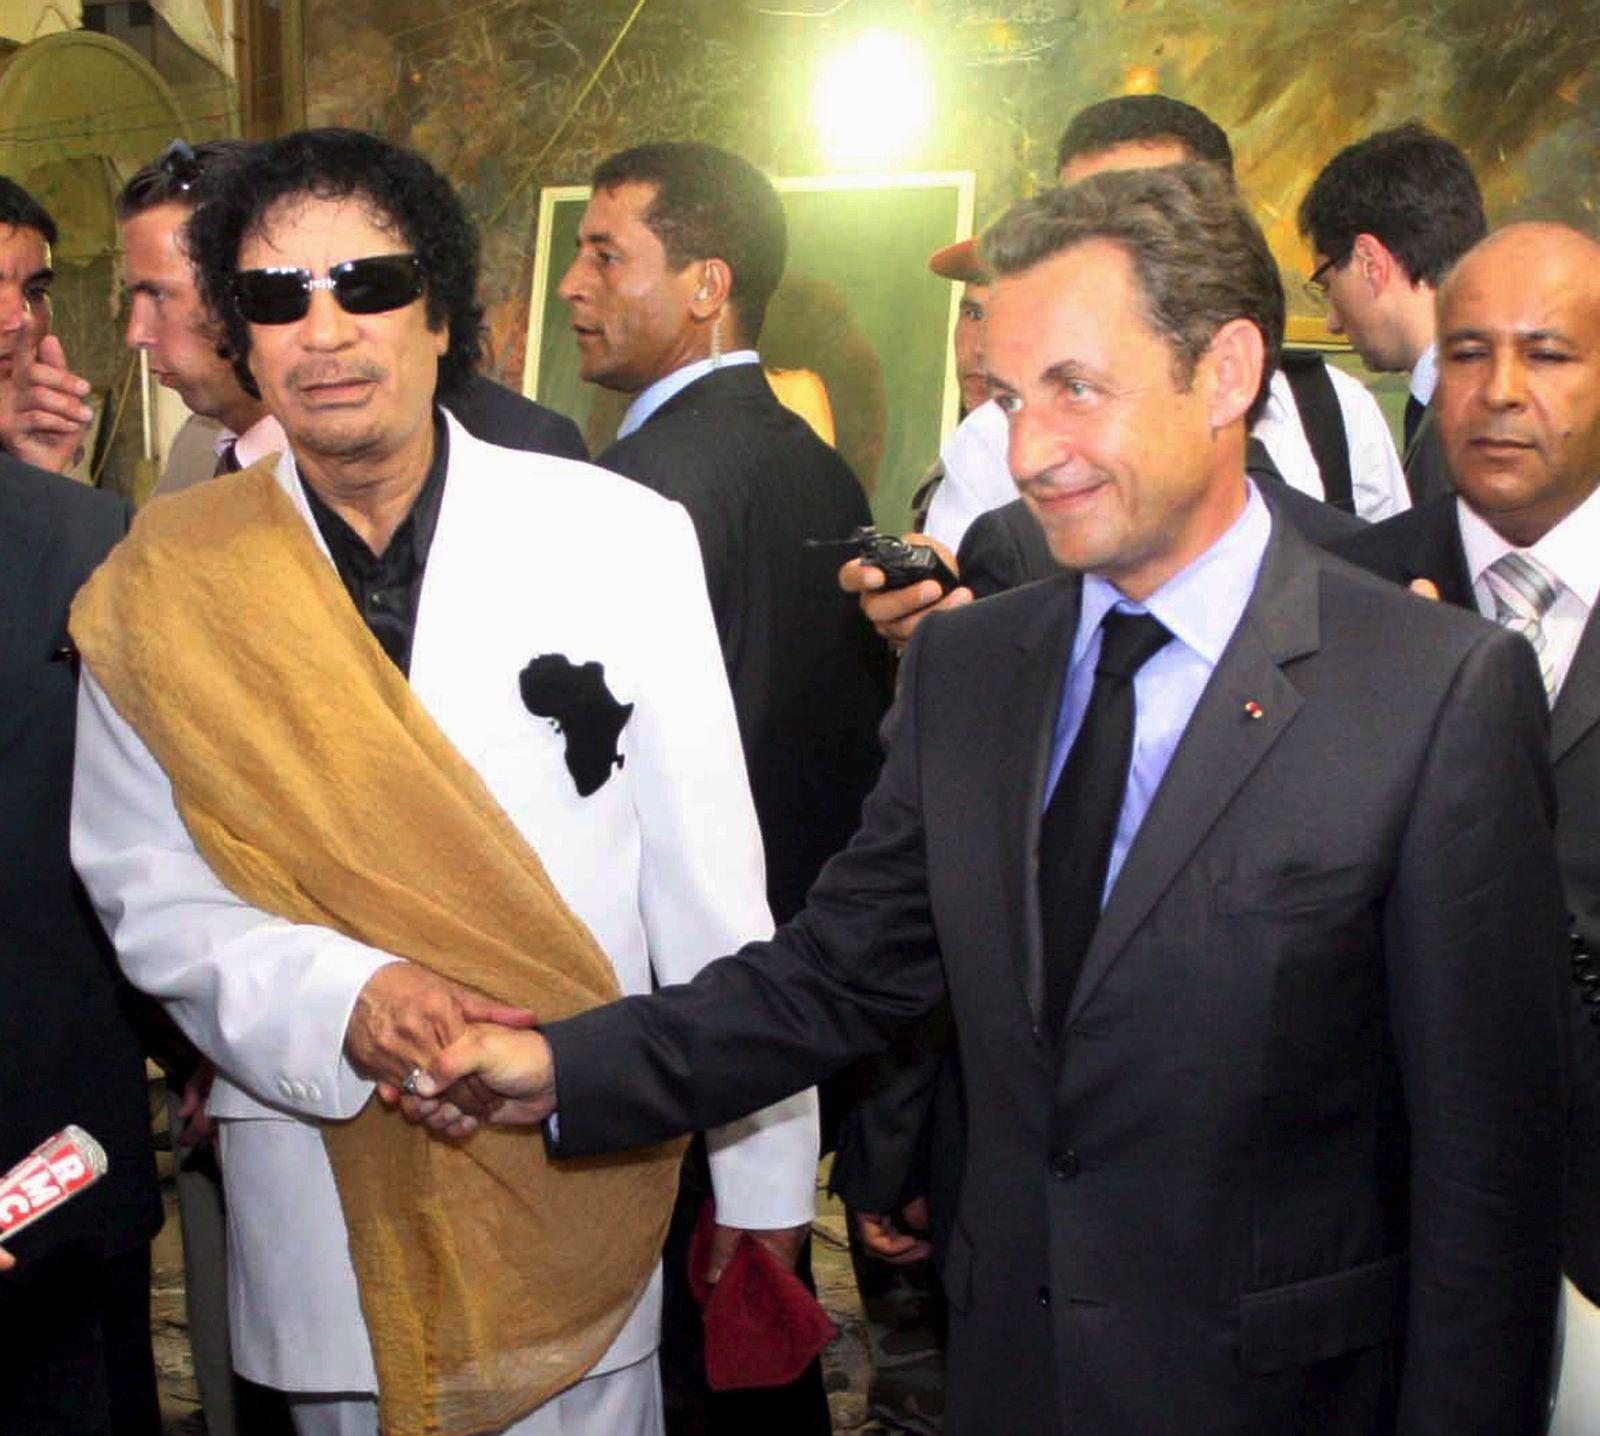 Frankreich bestätigt Waffendeal mit Libyen